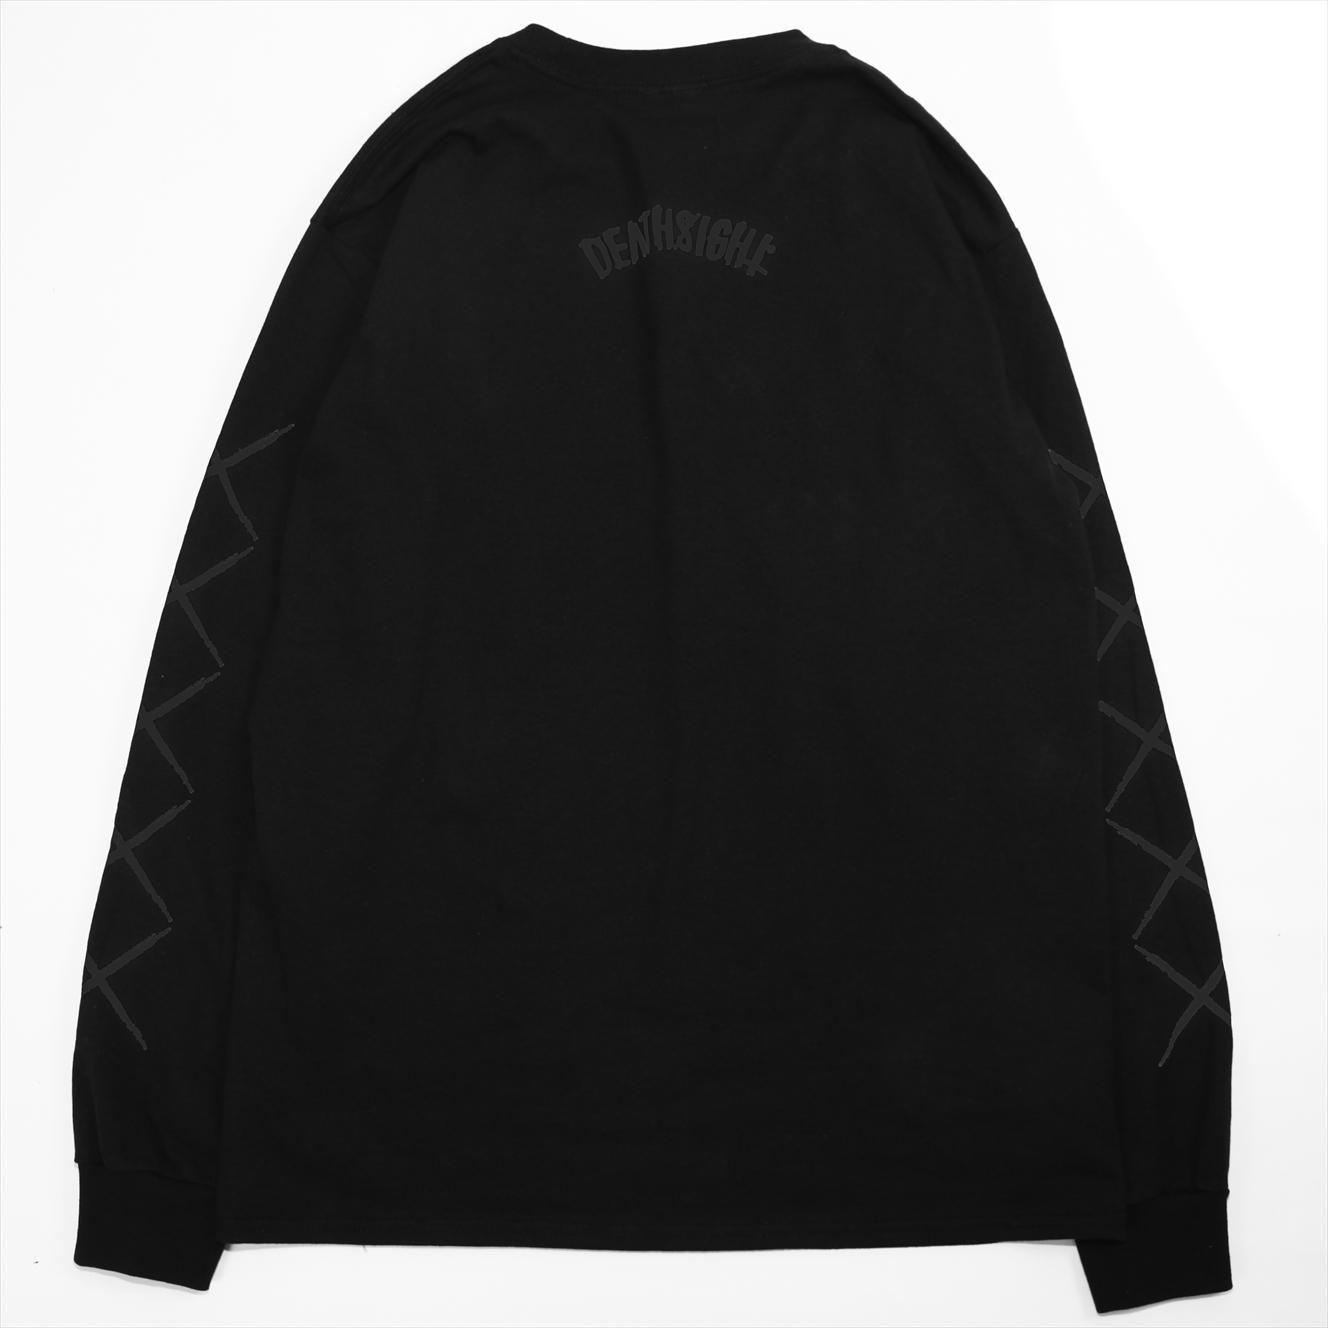 xxx L/S TEES BLACK x BLACK - 画像2